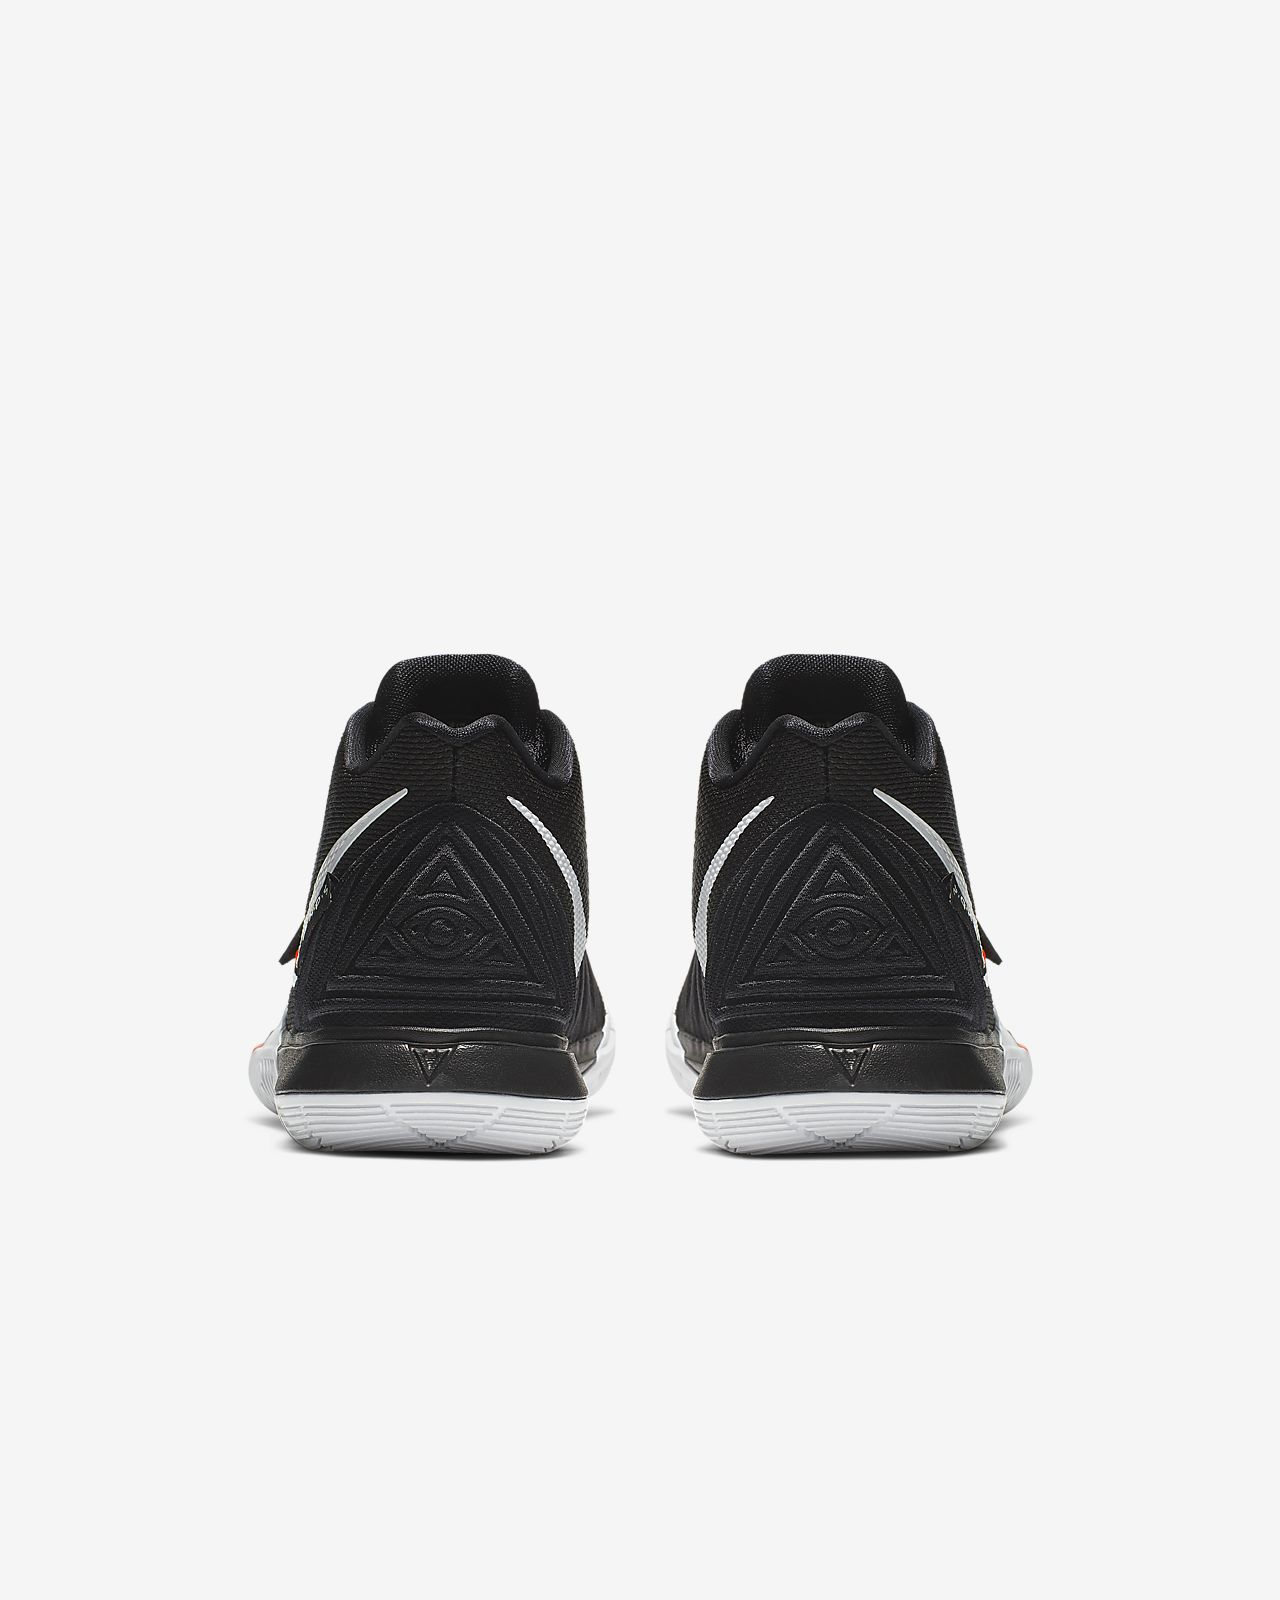 645c8f61d3dc Kyrie 5 Schuh für ältere Kinder. Nike.com DE